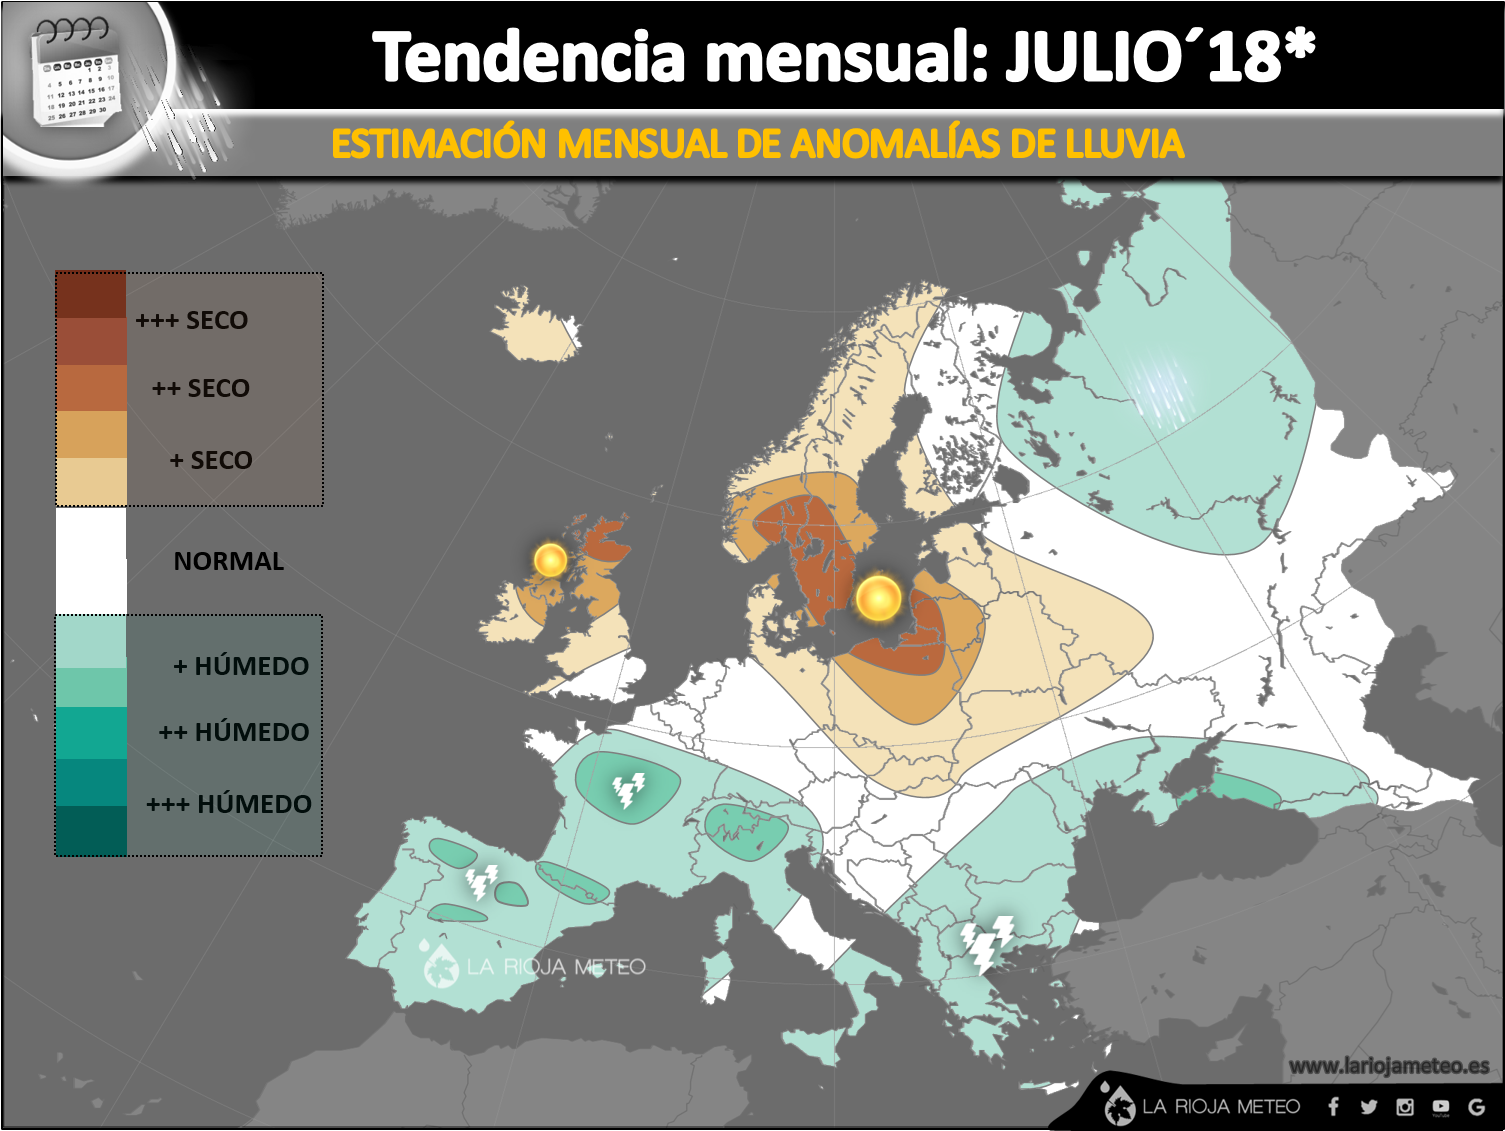 Estimación de las anomalías pluviométricas en Europa para el mes de Julio 2018